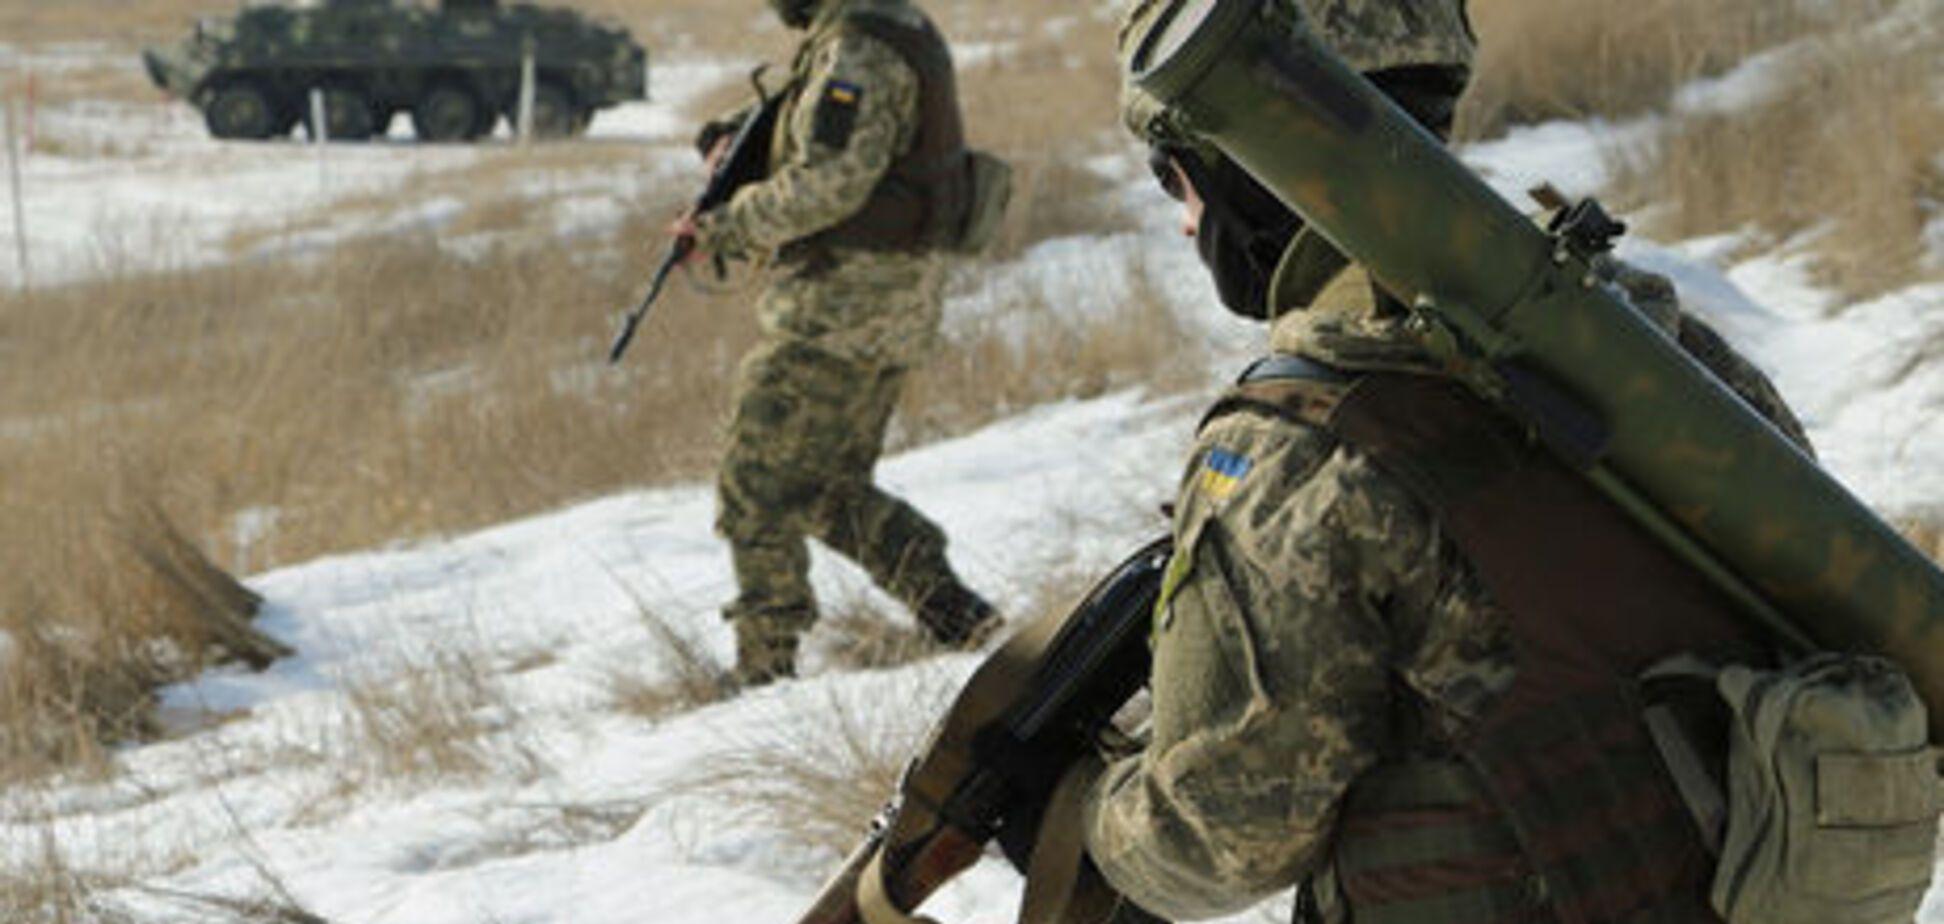 Гинули від куль і мін: з'явилася страхітлива статистика щодо жертв на Донбасі